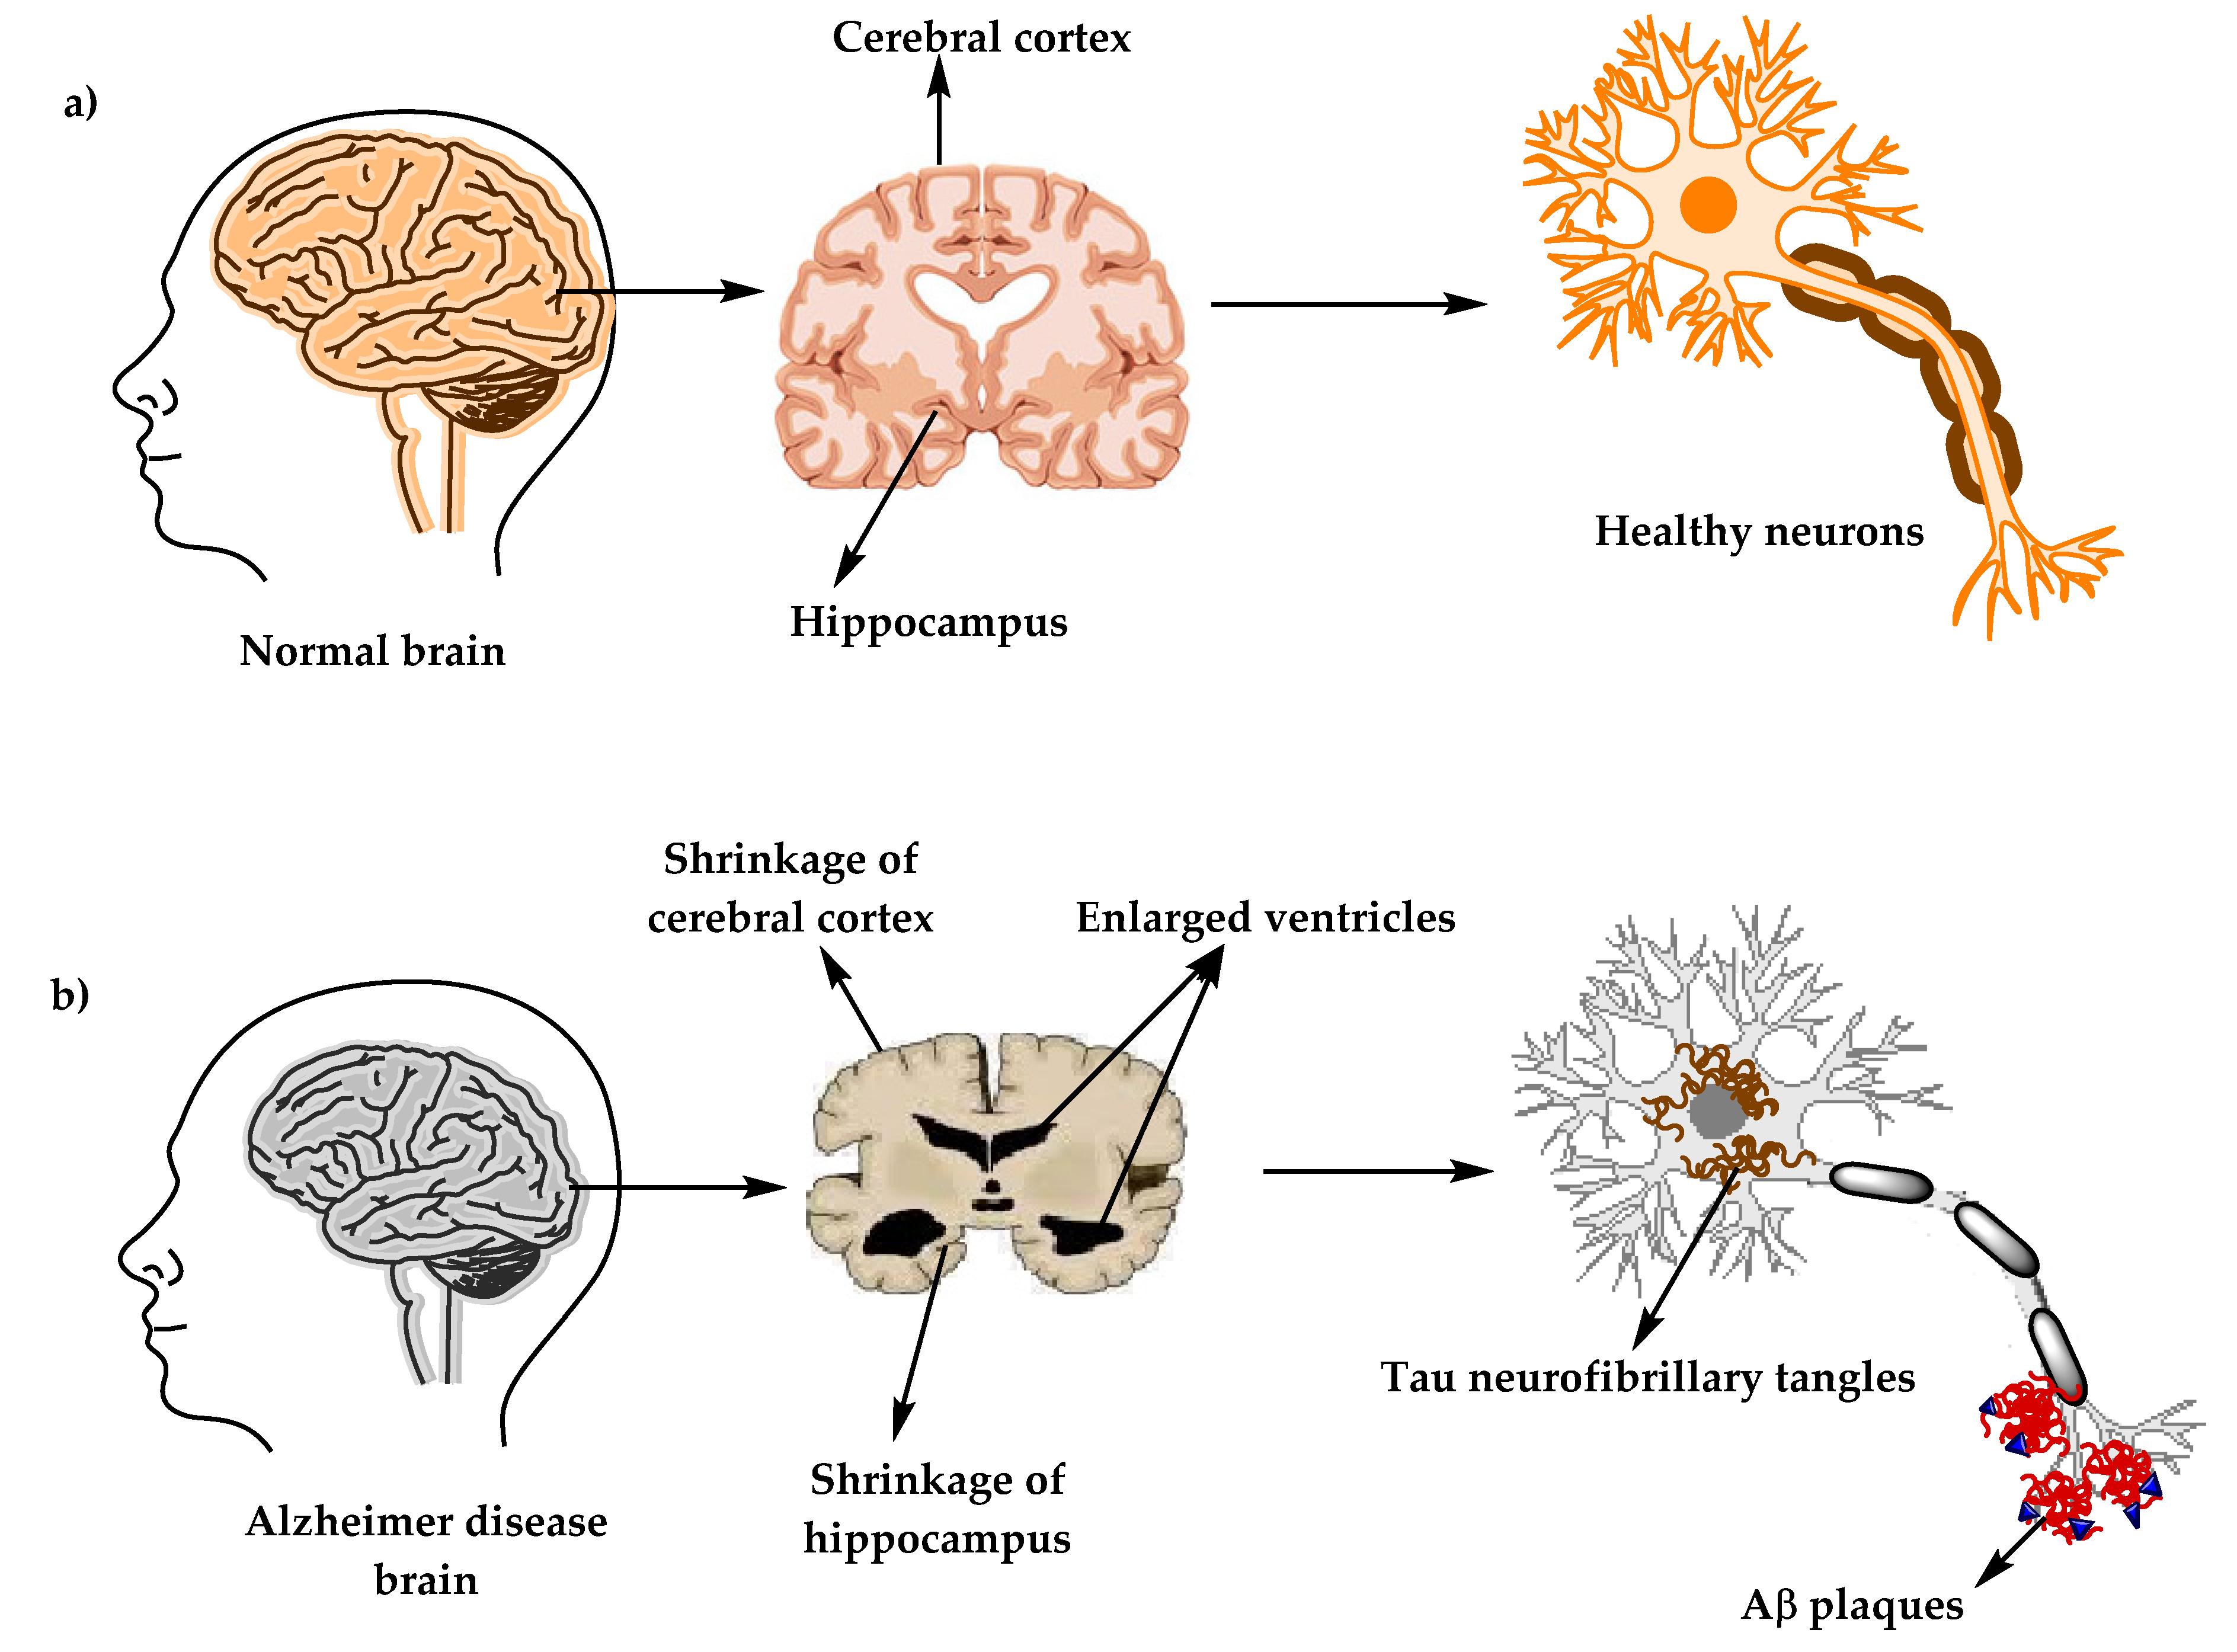 بیماری آلزایمر یک اختلال عصبی پیشرونده است که باعث کوچک شدن مغز (آتروفی) و مرگ سلول های مغزی می گردد. بیماری آلزایمر شایع ترین علت زوال عقل است و کاهش مداوم مهارت های تفکر، مهارت های رفتاری و اجتماعی که بر توانایی فرد برای عملکرد مستقل تأثیر می گذارد را در بر دارد.